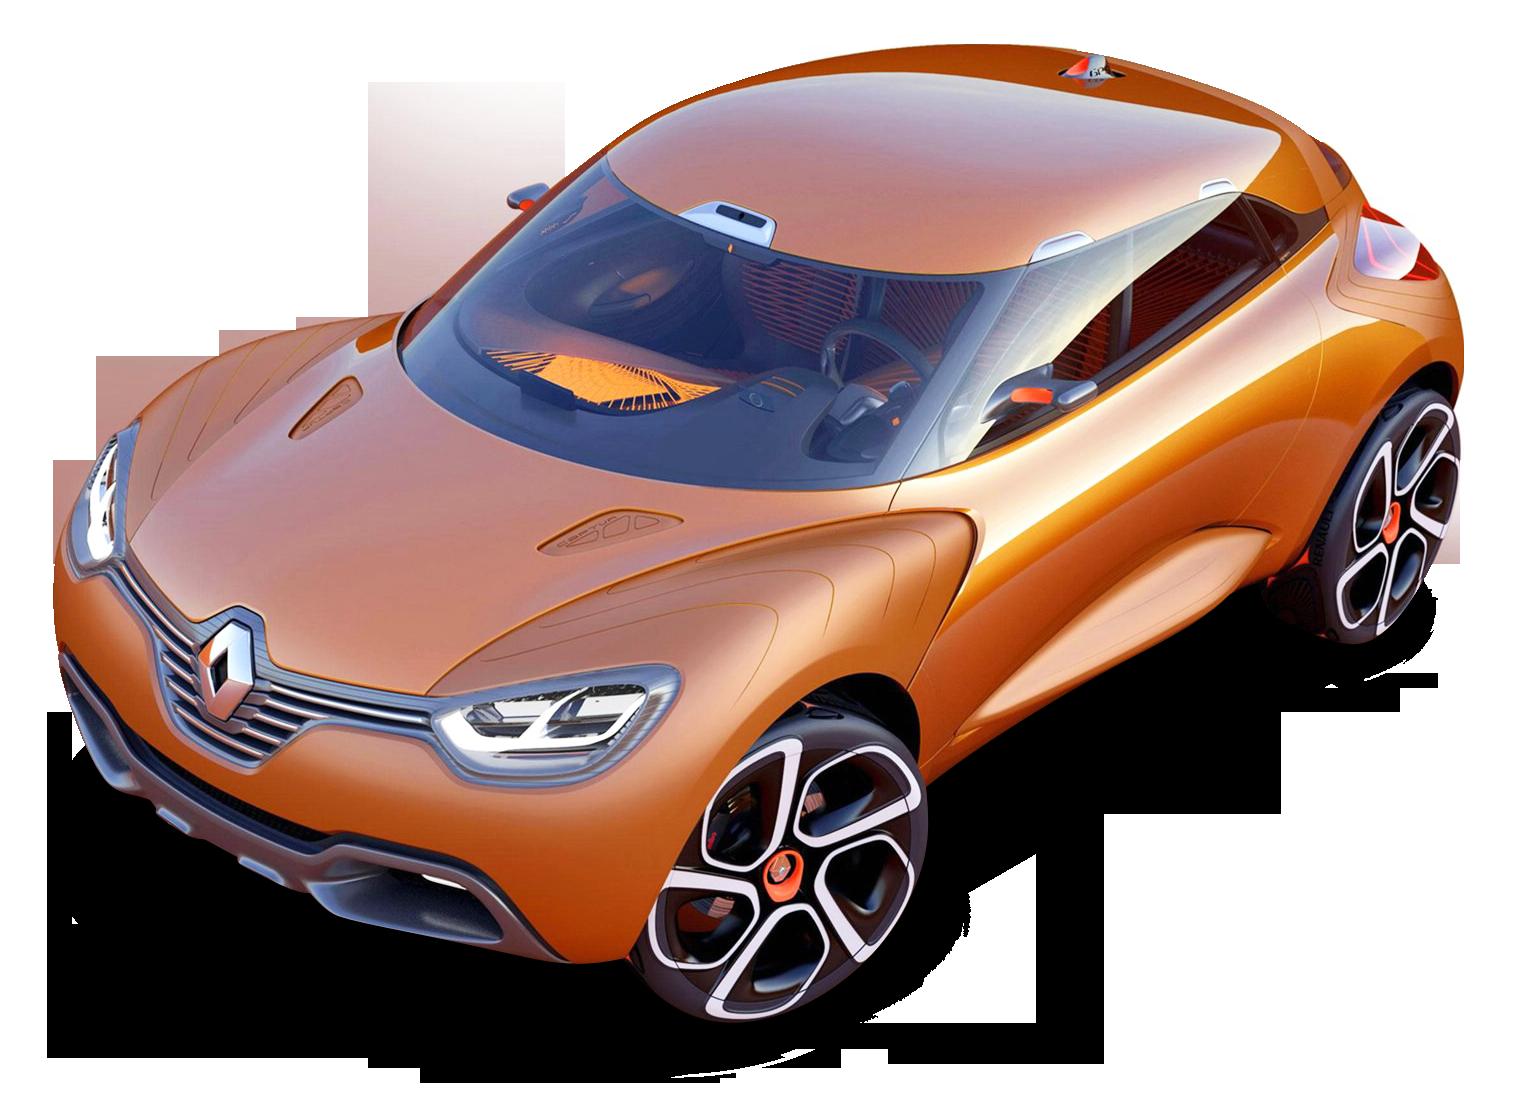 Renault Captur Concept Car Car Concept Cars Cheap Cars Cars